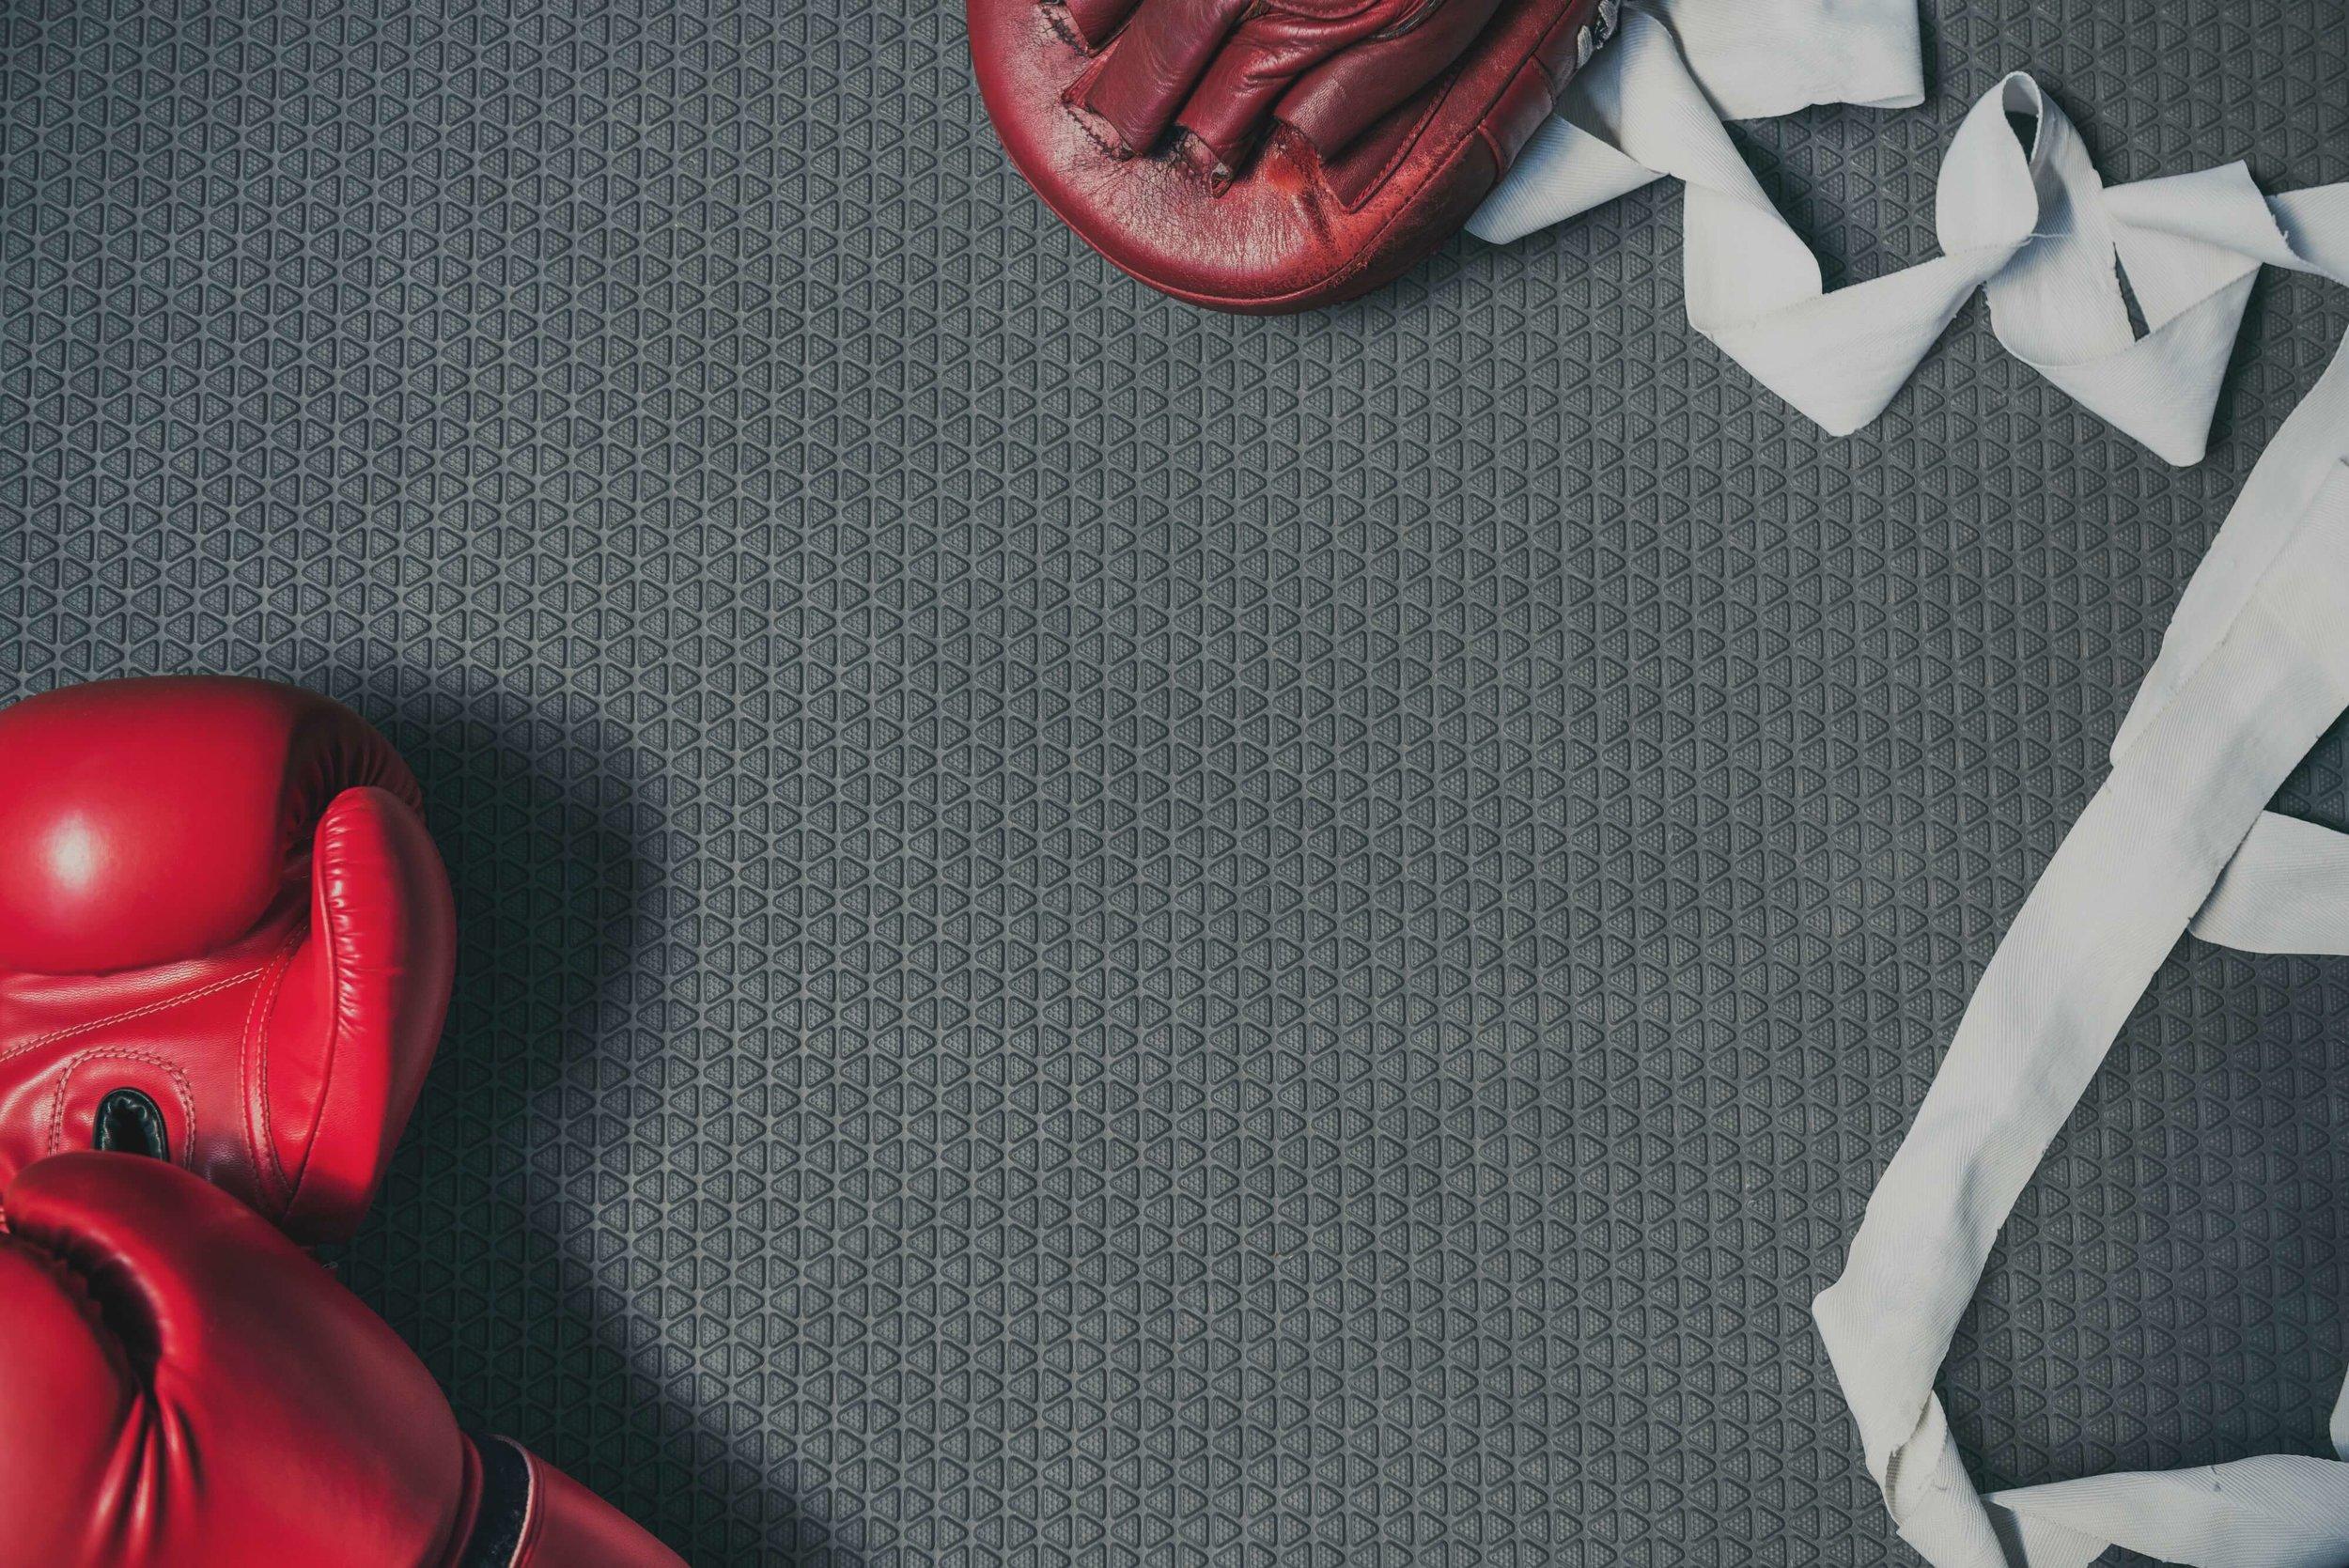 bandage-boxing-gloves-equipment-1253596 (1).jpg